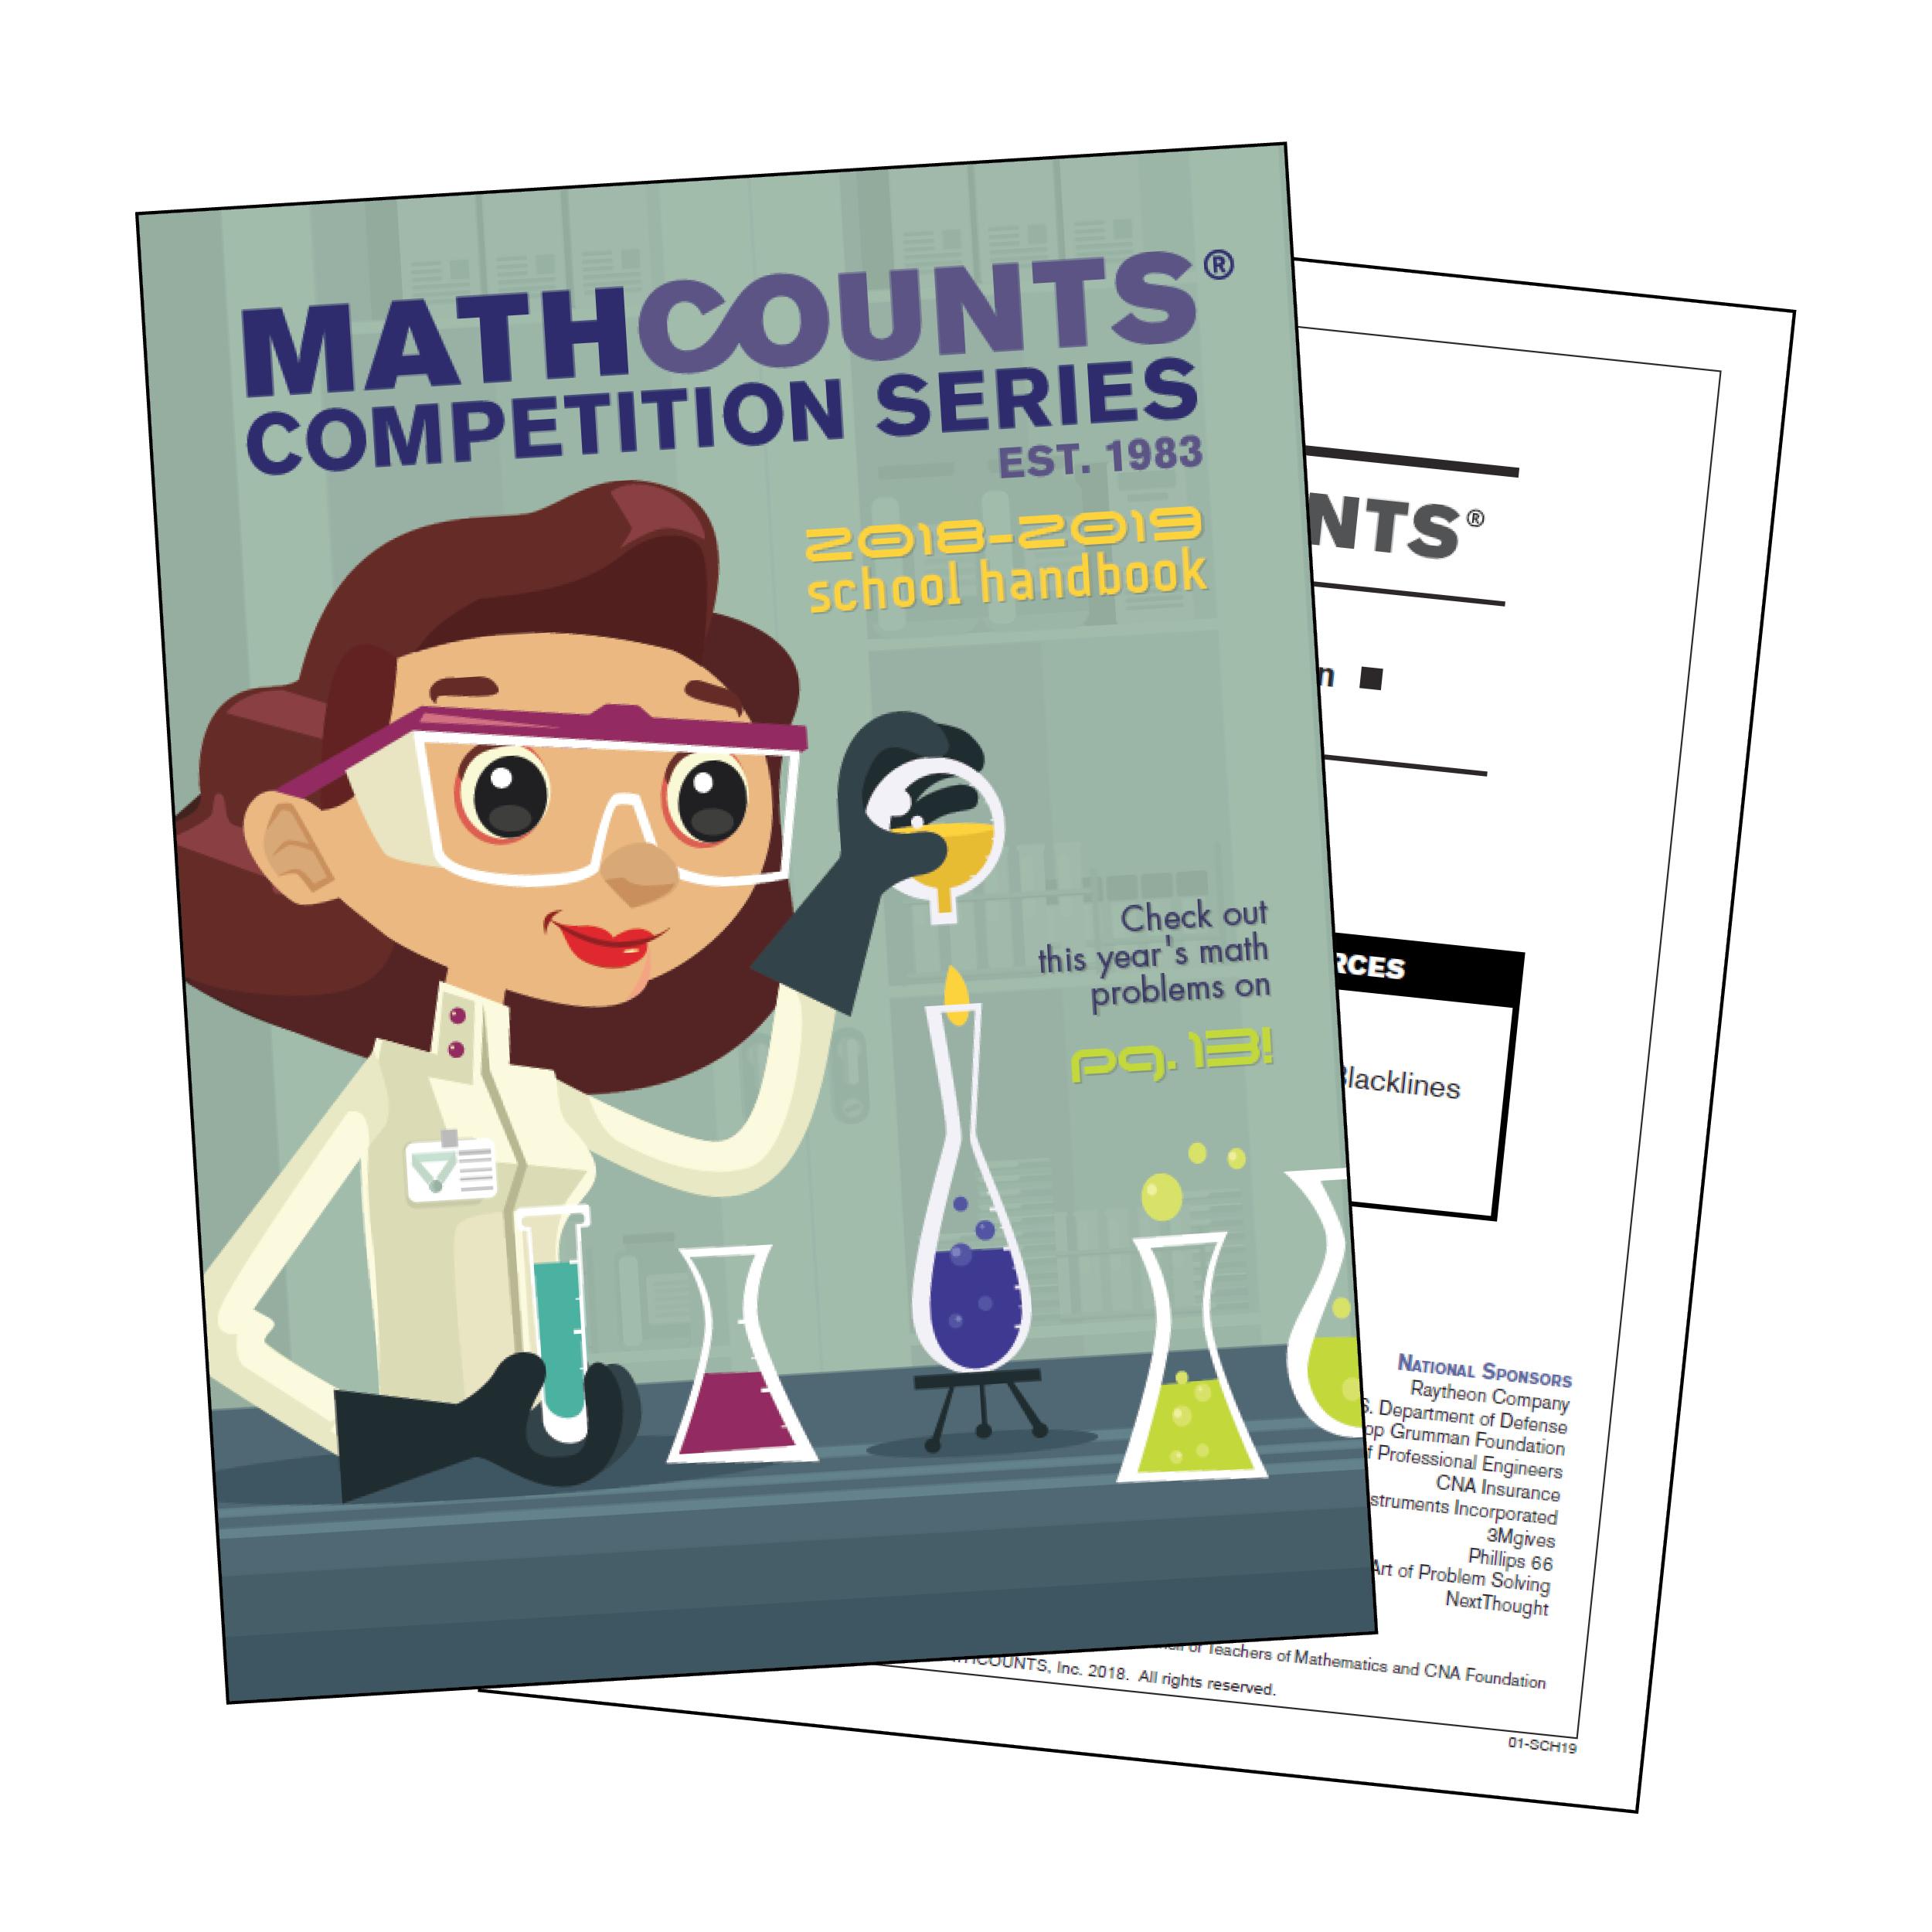 MATHCOUNTS Competition Series   MATHCOUNTS